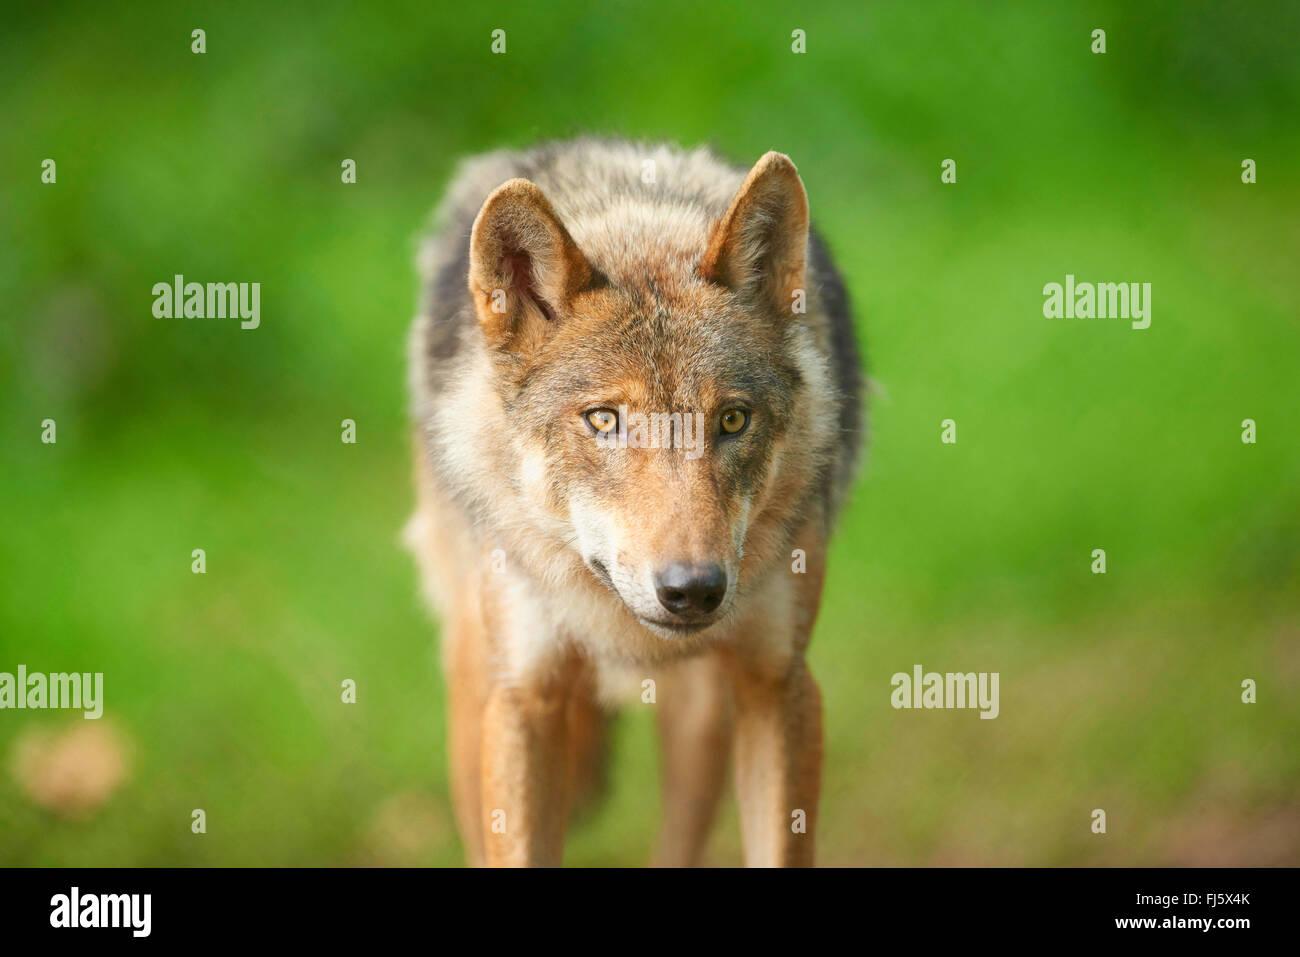 Unione lupo (Canis lupus lupus), il ritratto di un lupo, vista frontale, in Germania, in Baviera Immagini Stock